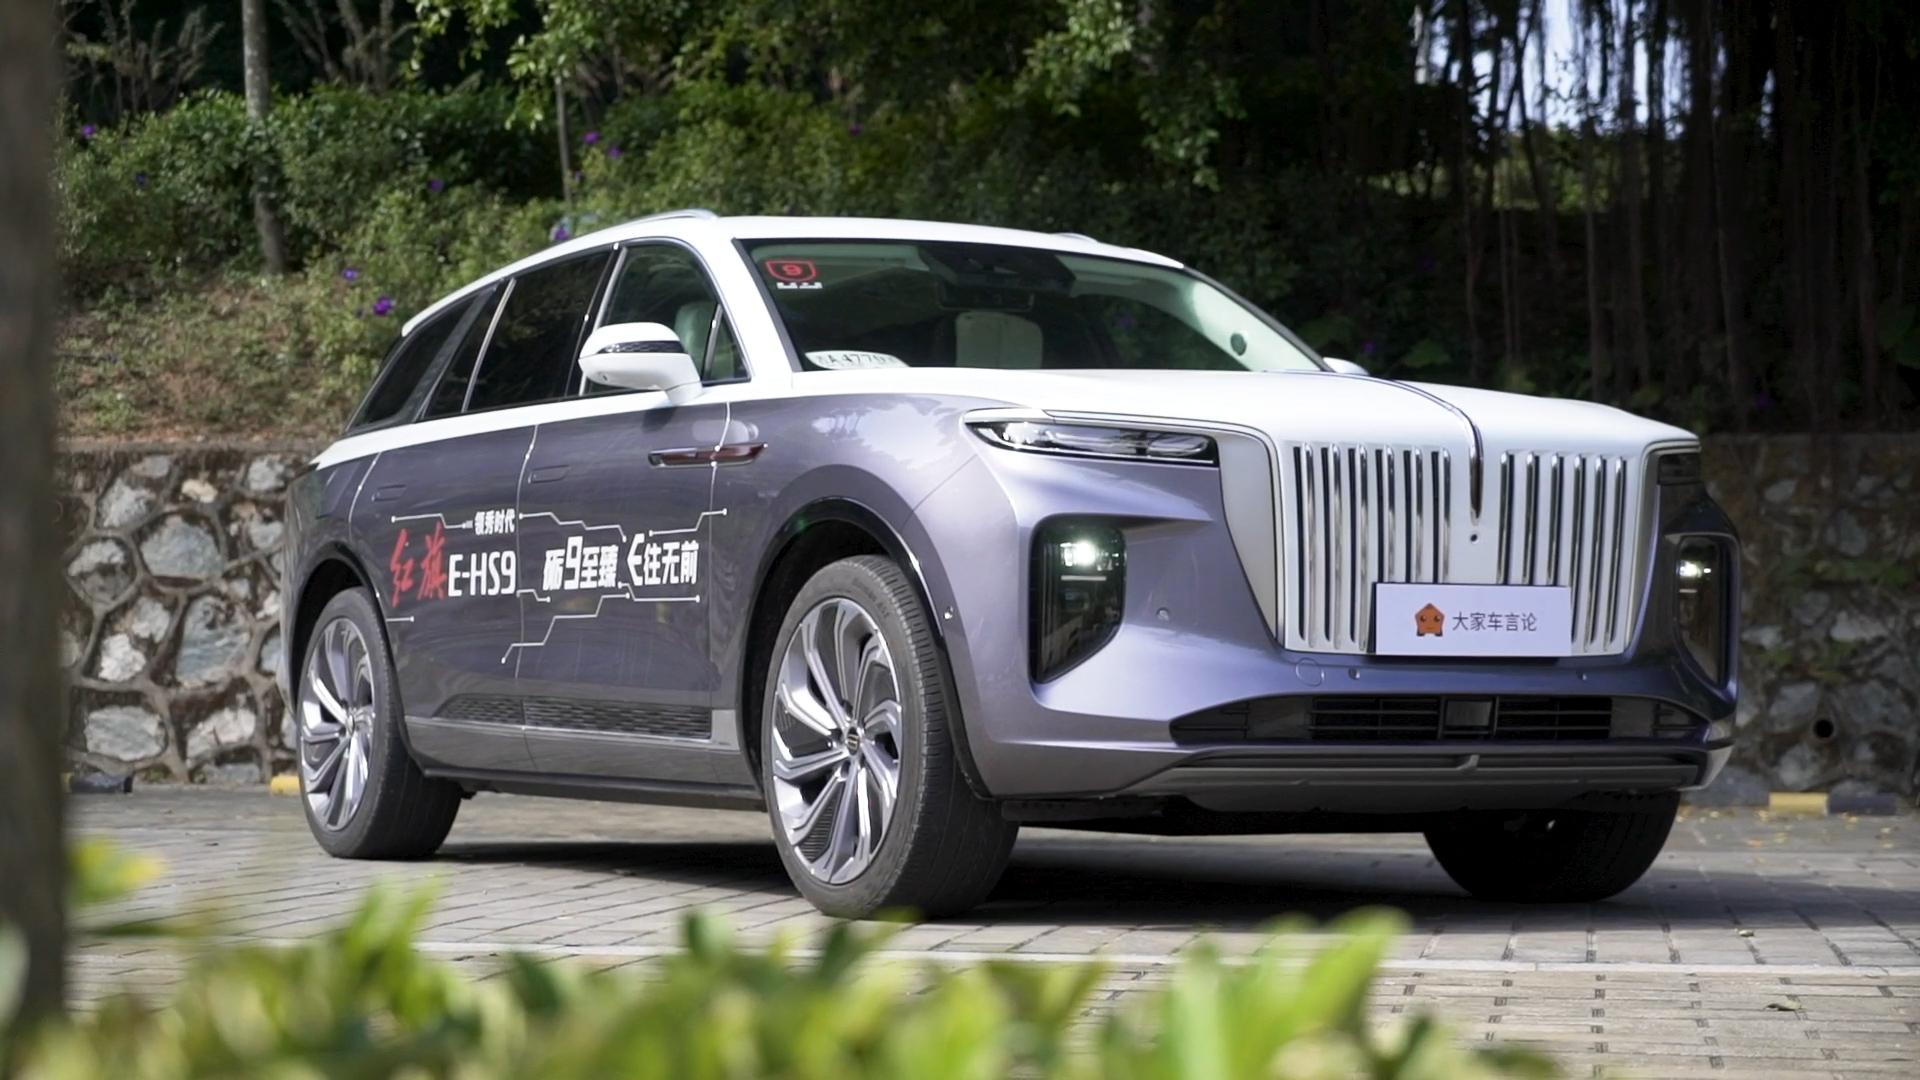 红旗E-HS9能否挑起中国顶级SUV的重担?